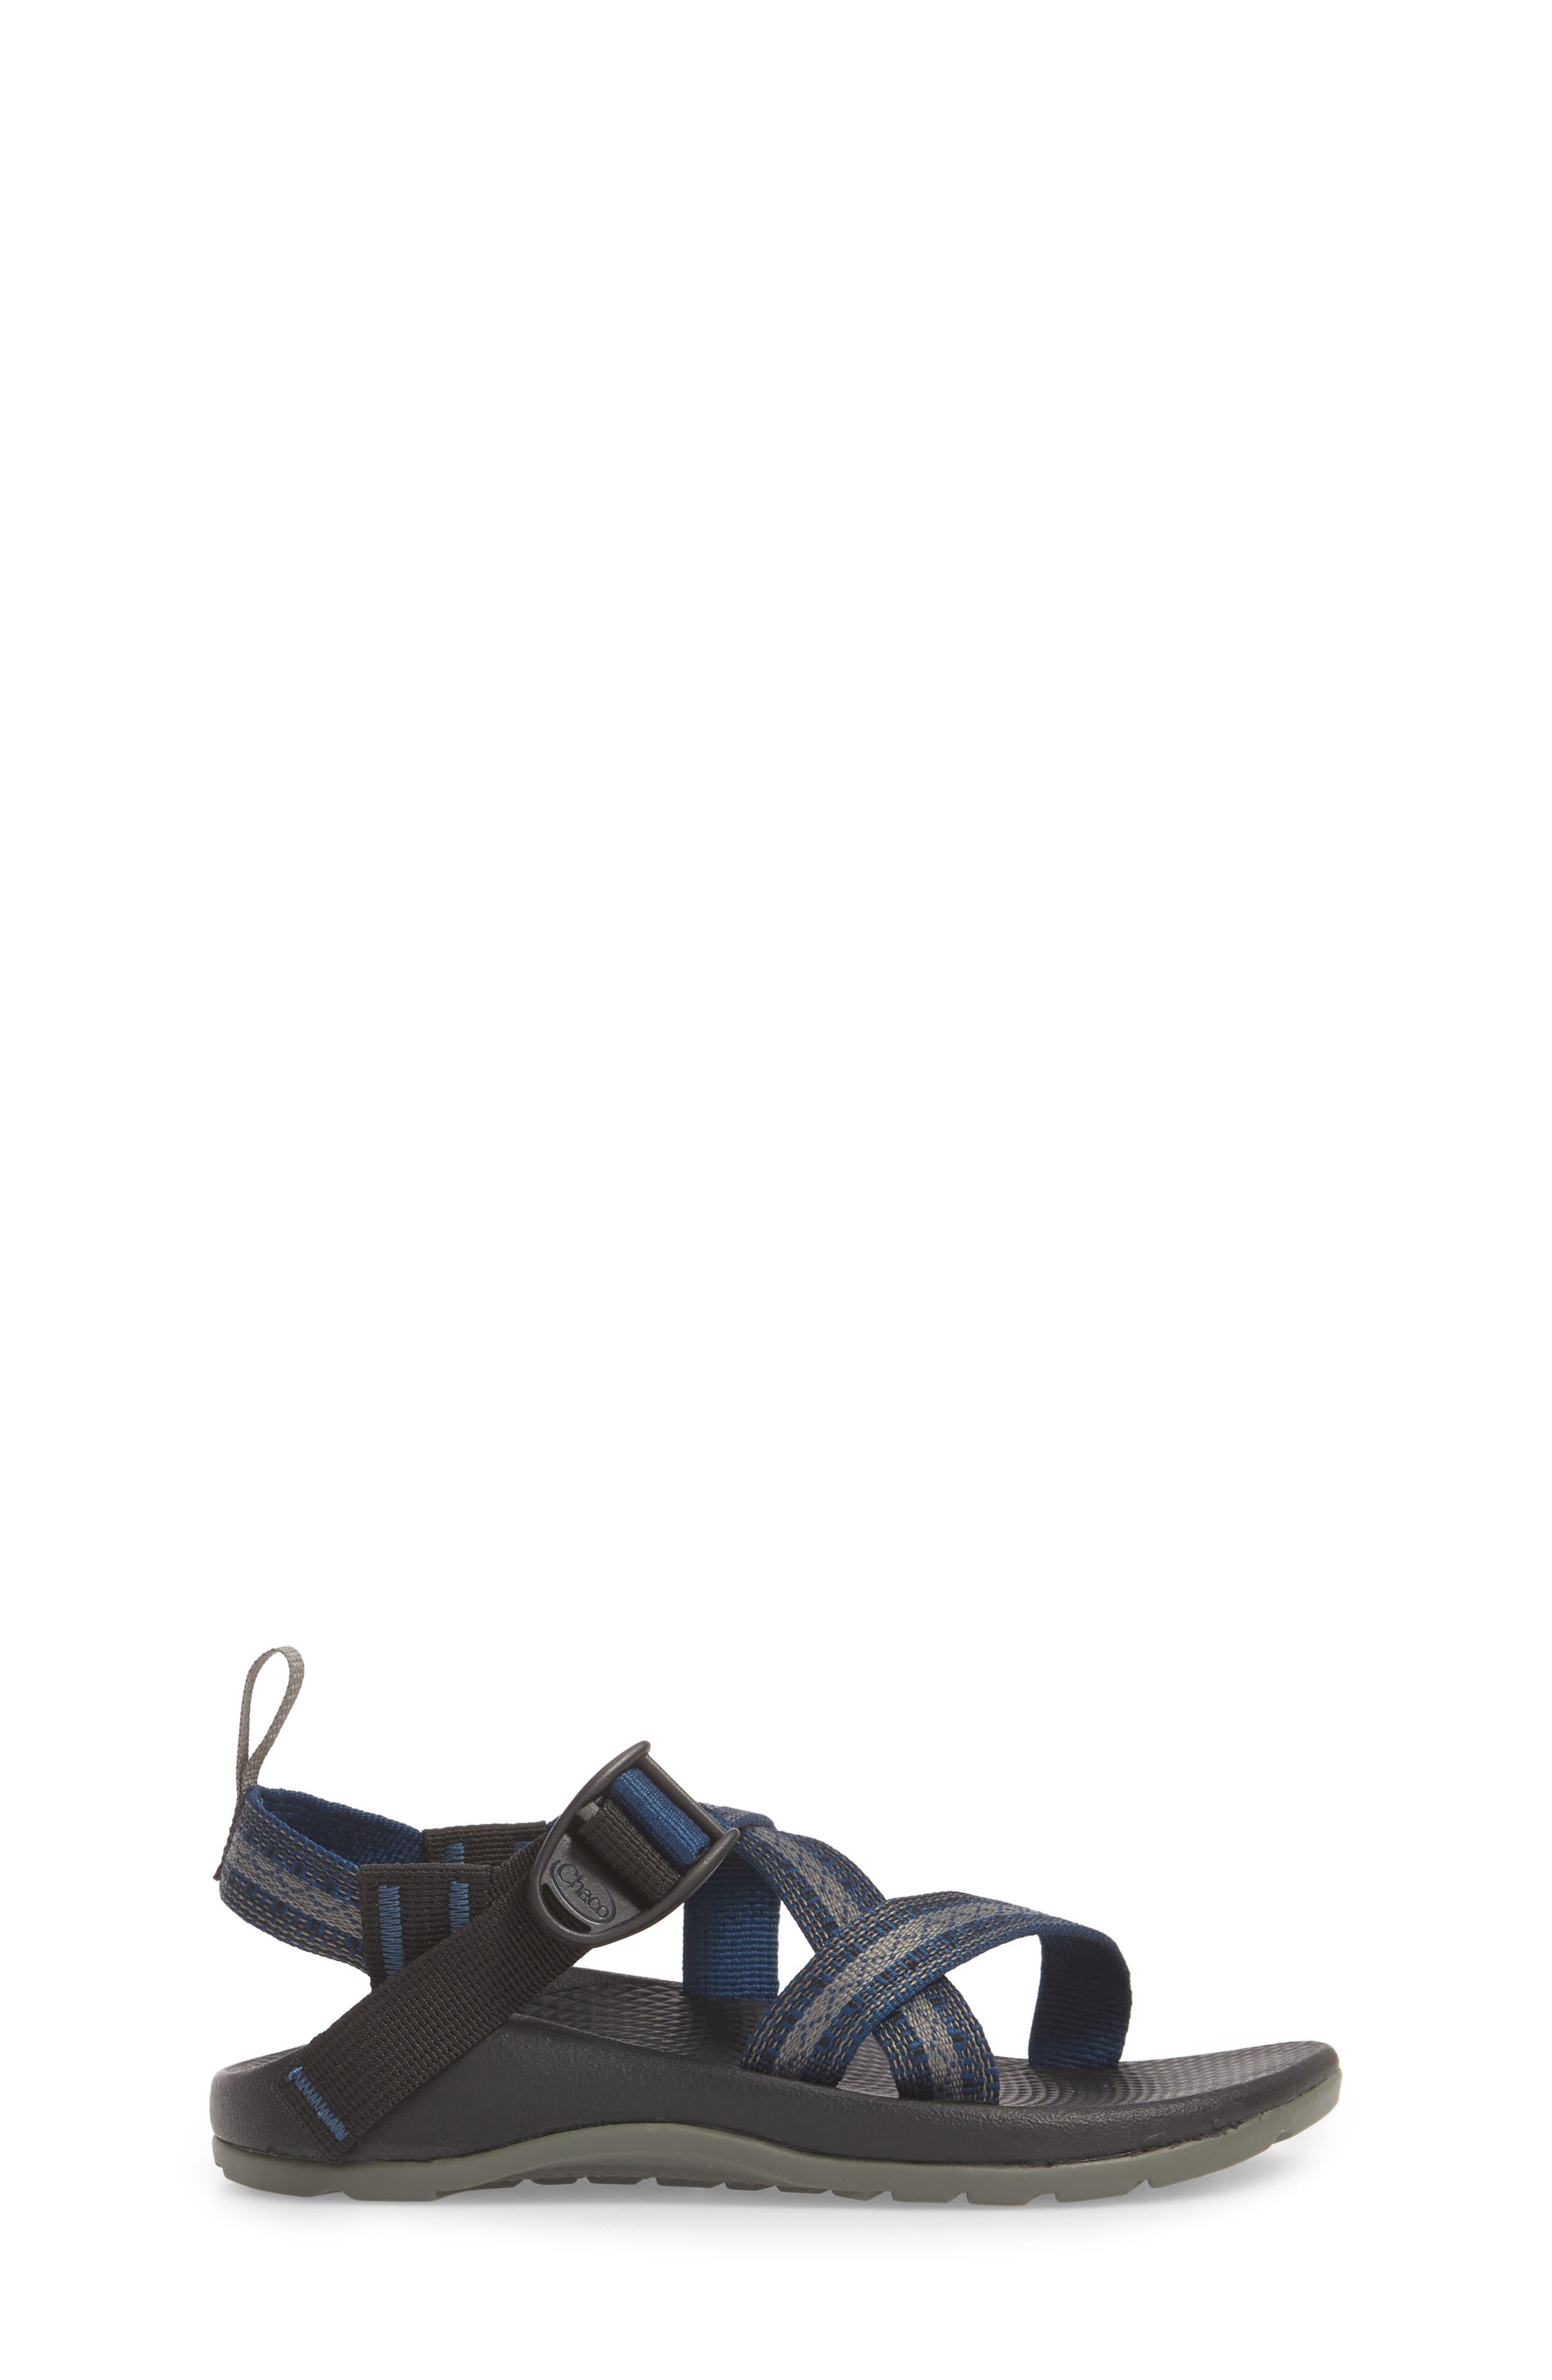 Z/1 Sport Sandal,                             Alternate thumbnail 3, color,                             STAKES